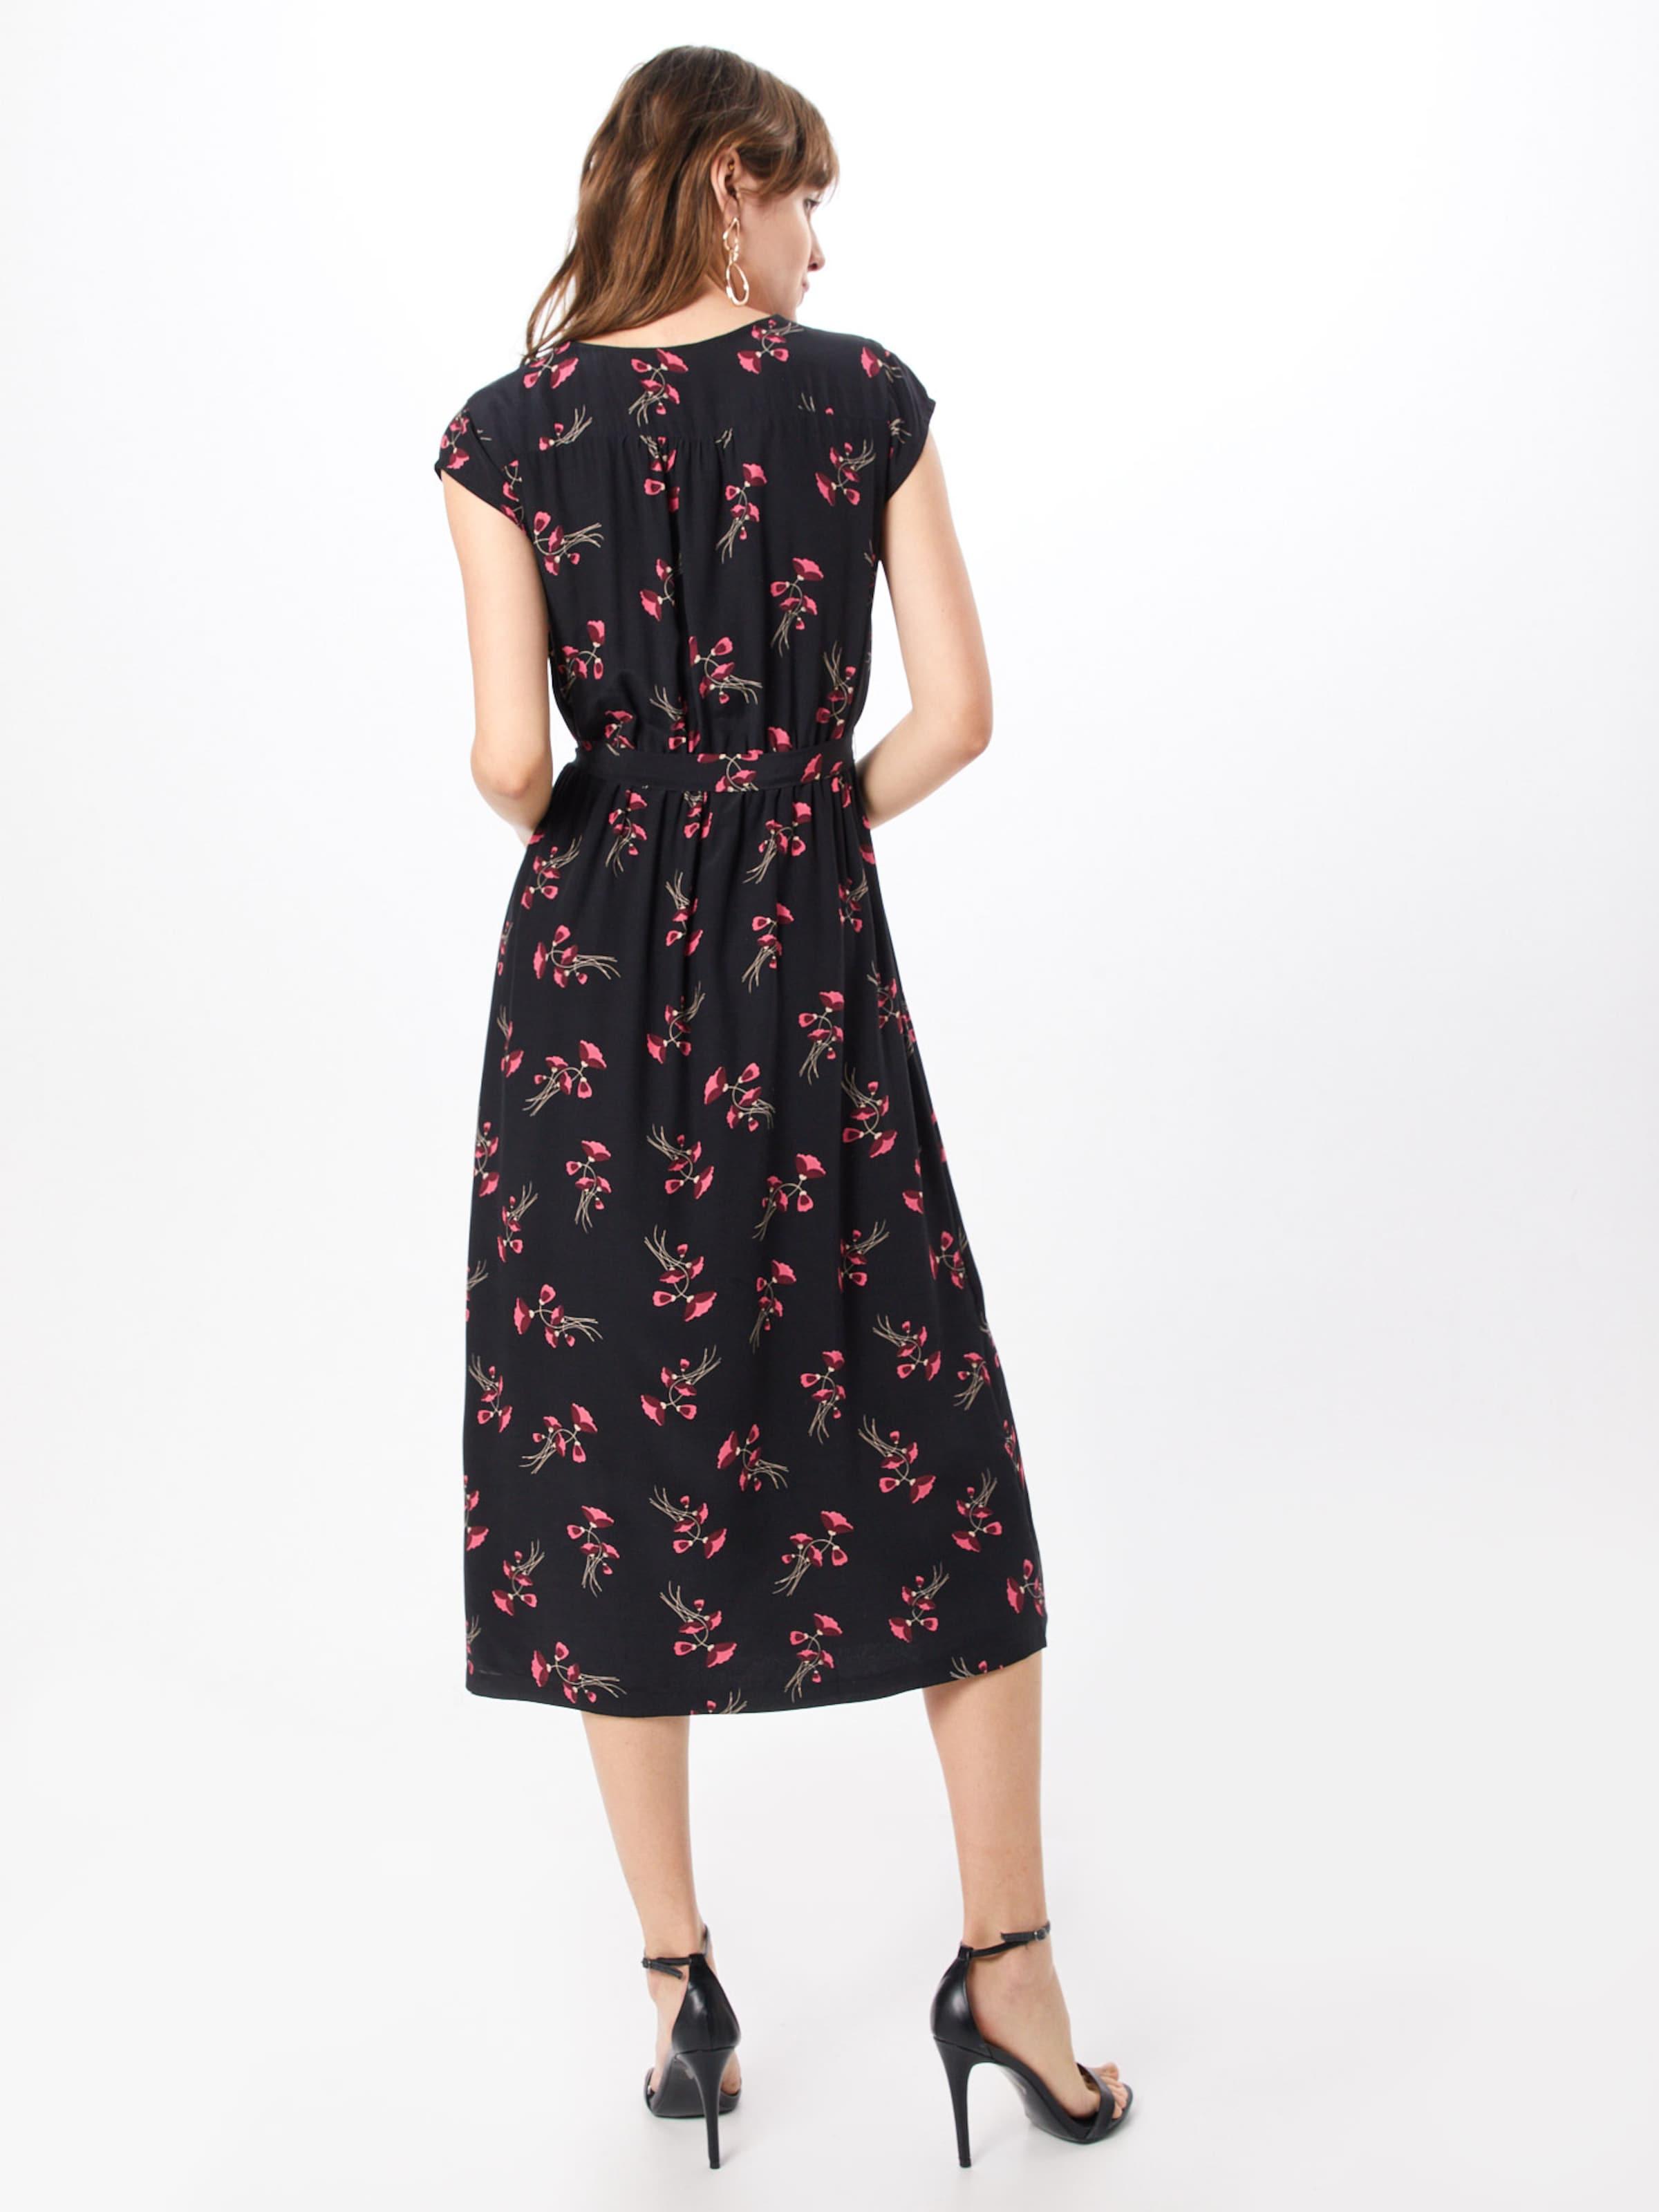 Moreamp; Kleid In In Kleid Kleid Moreamp; Kleid In MerlotSchwarz In Moreamp; MerlotSchwarz Moreamp; MerlotSchwarz wOkXZN80nP